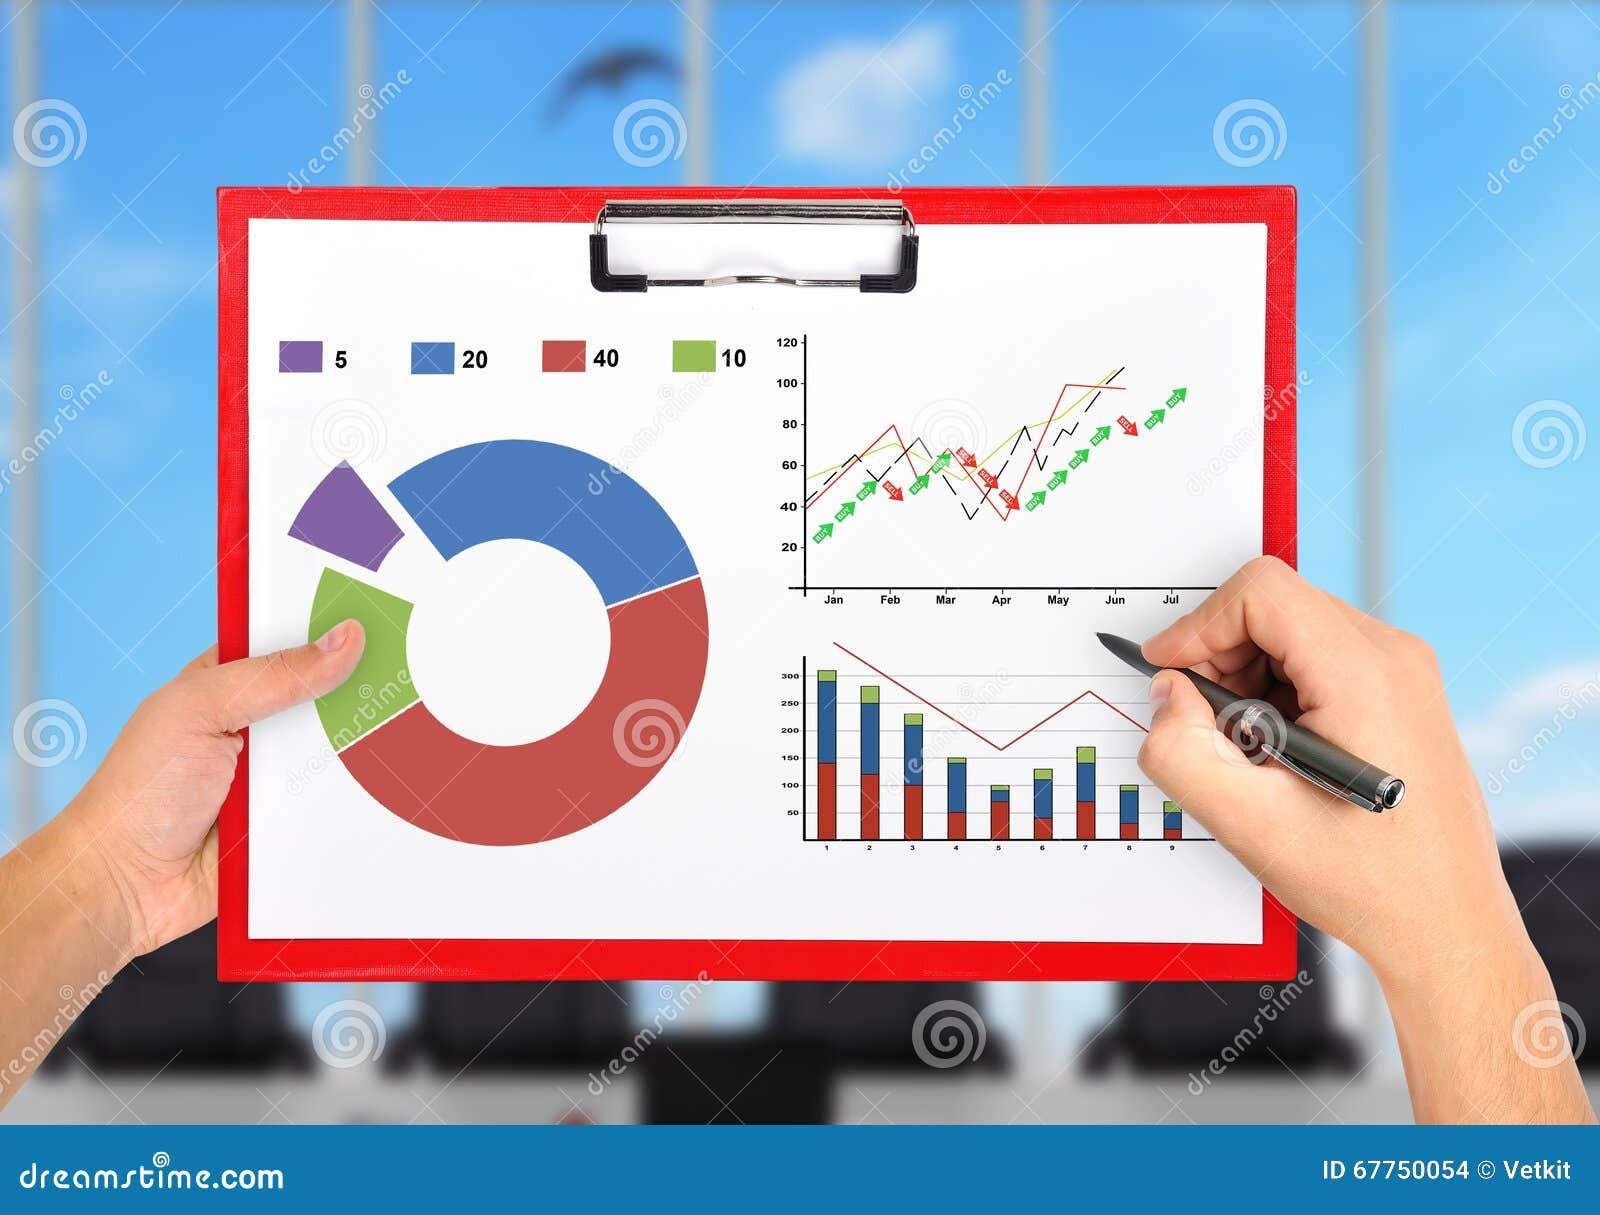 Hände, Die Diagramm Zeichnen Stockfoto - Bild von plakat, idee: 67750054